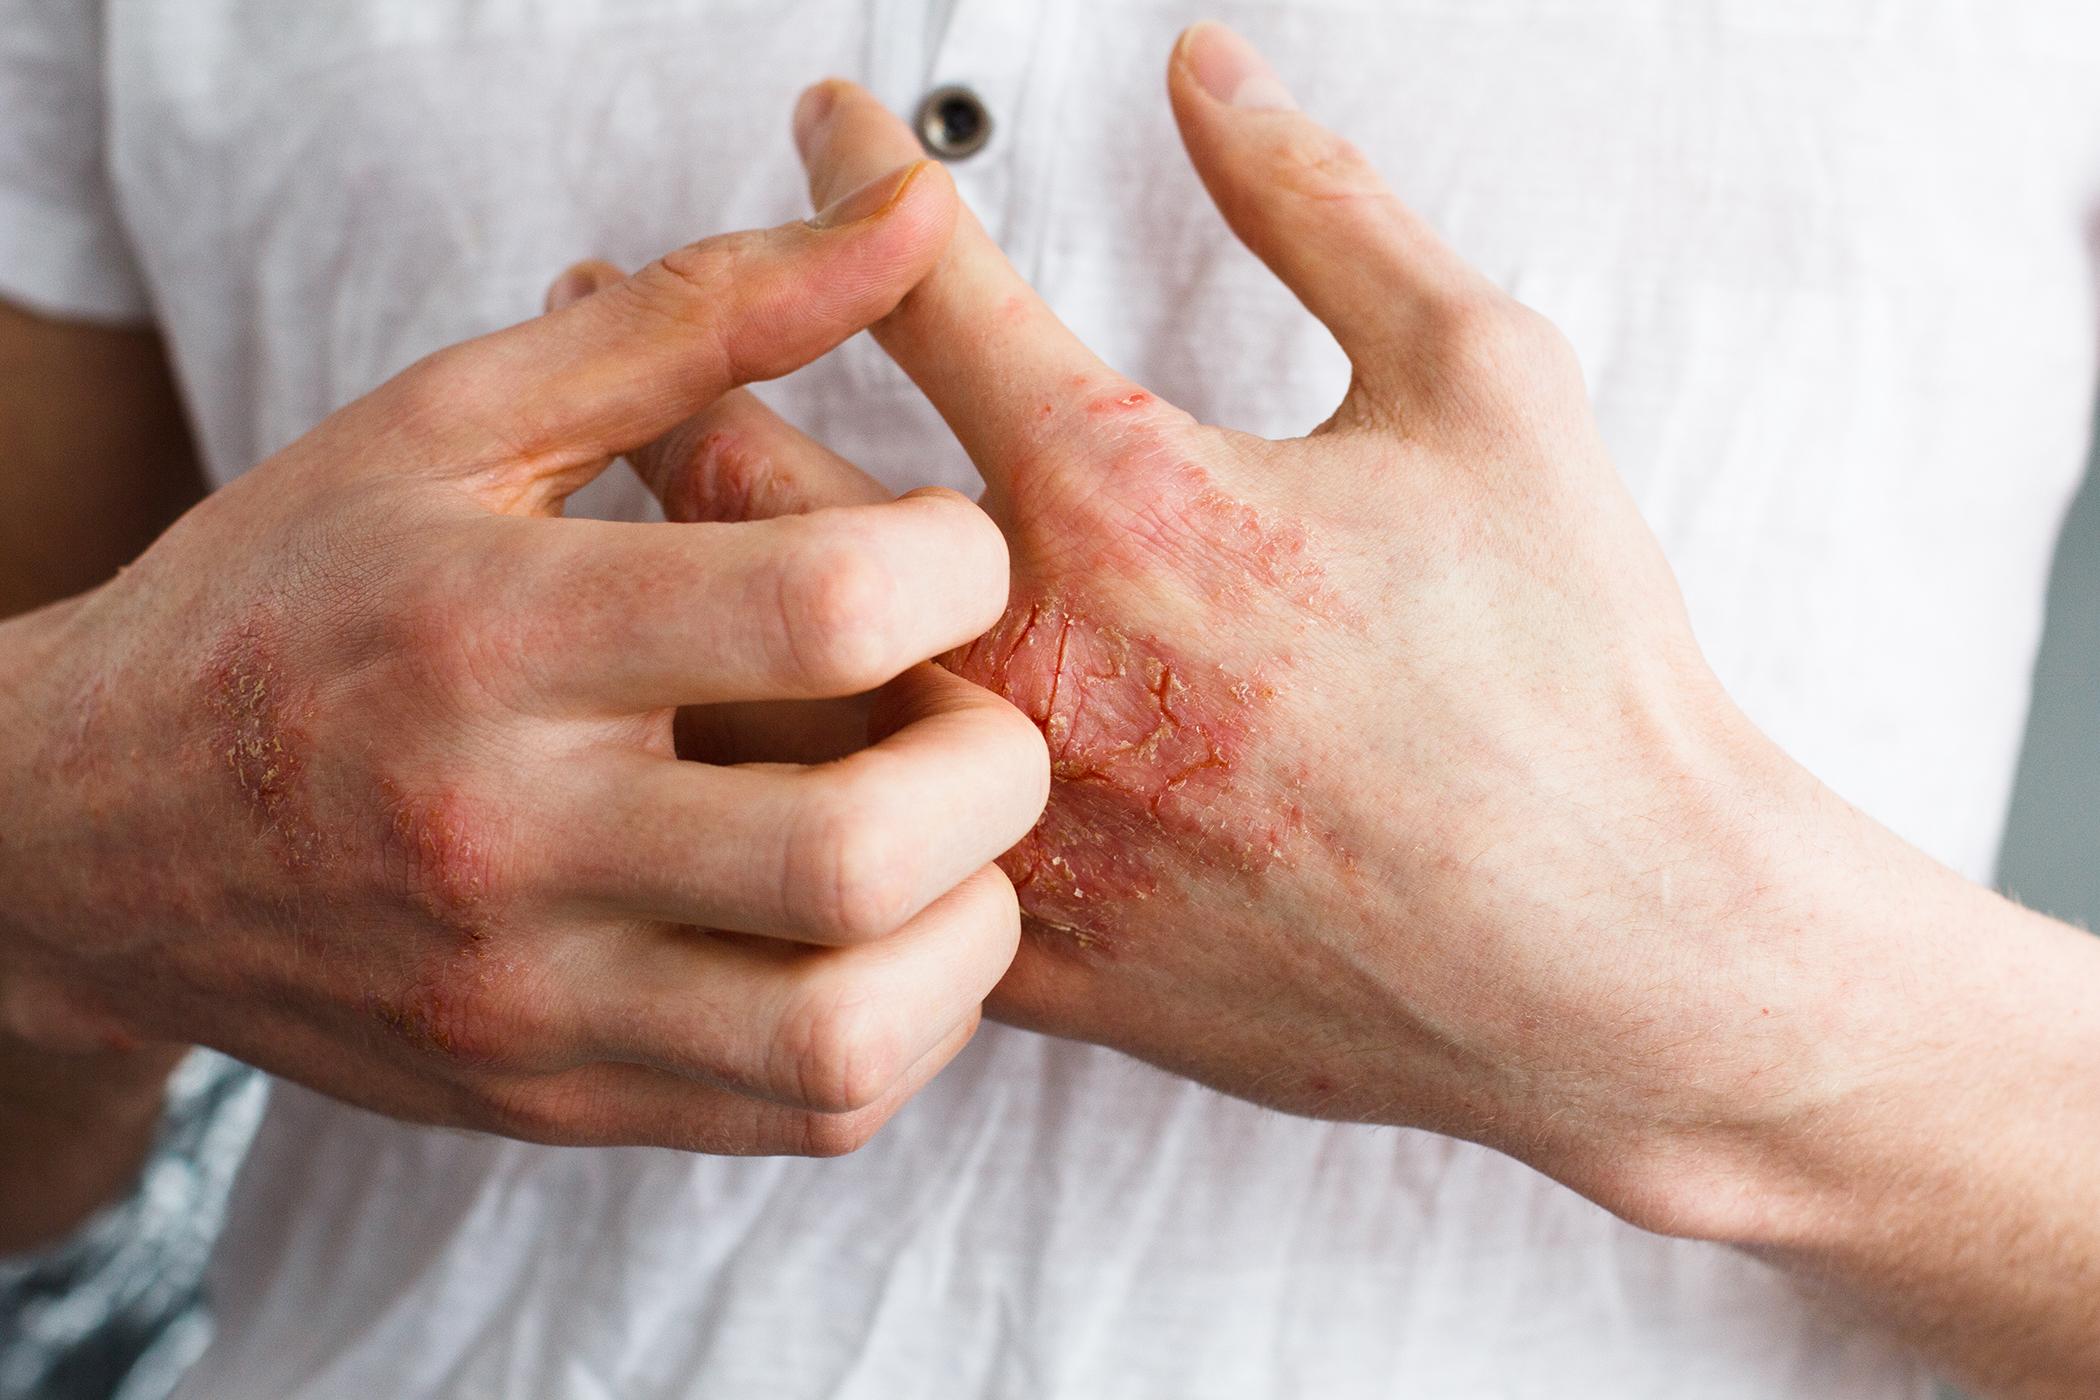 vörös foltok a hason, pikkelyes foltok fájó ujjbegyek vörös foltok